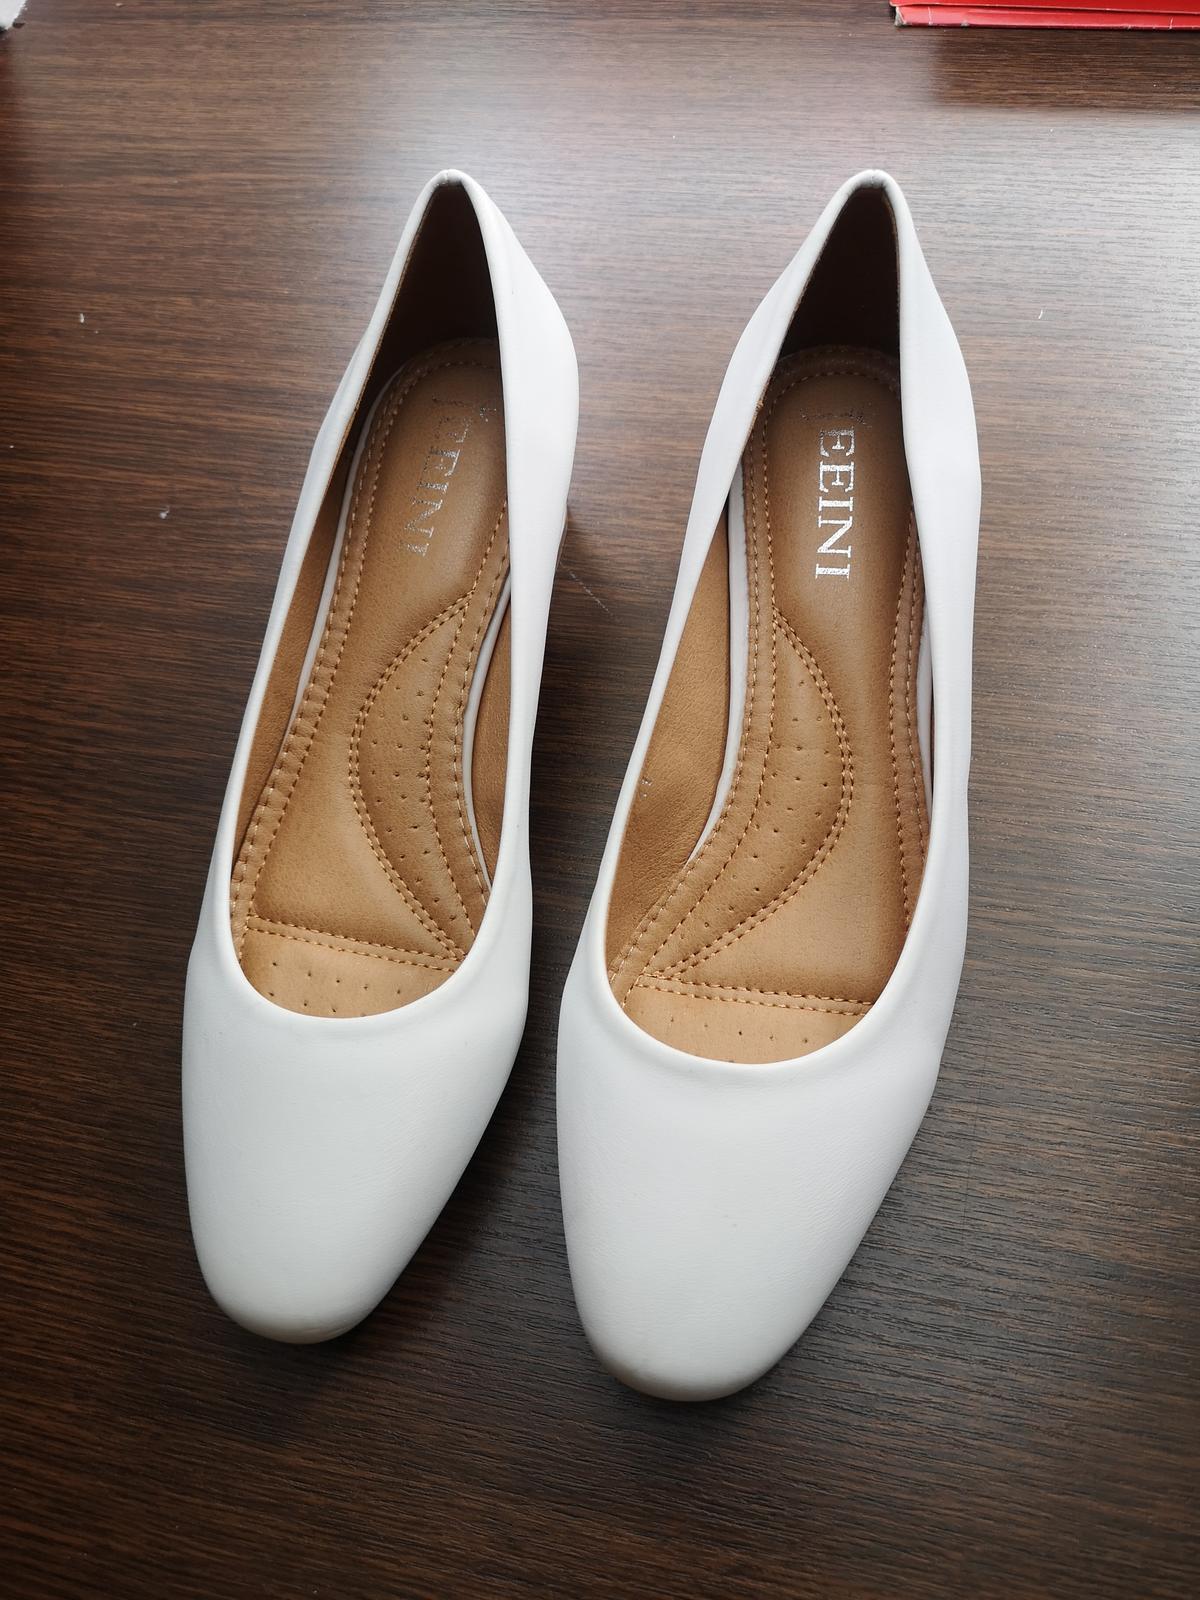 Svatební boty NOVÉ - Obrázek č. 1